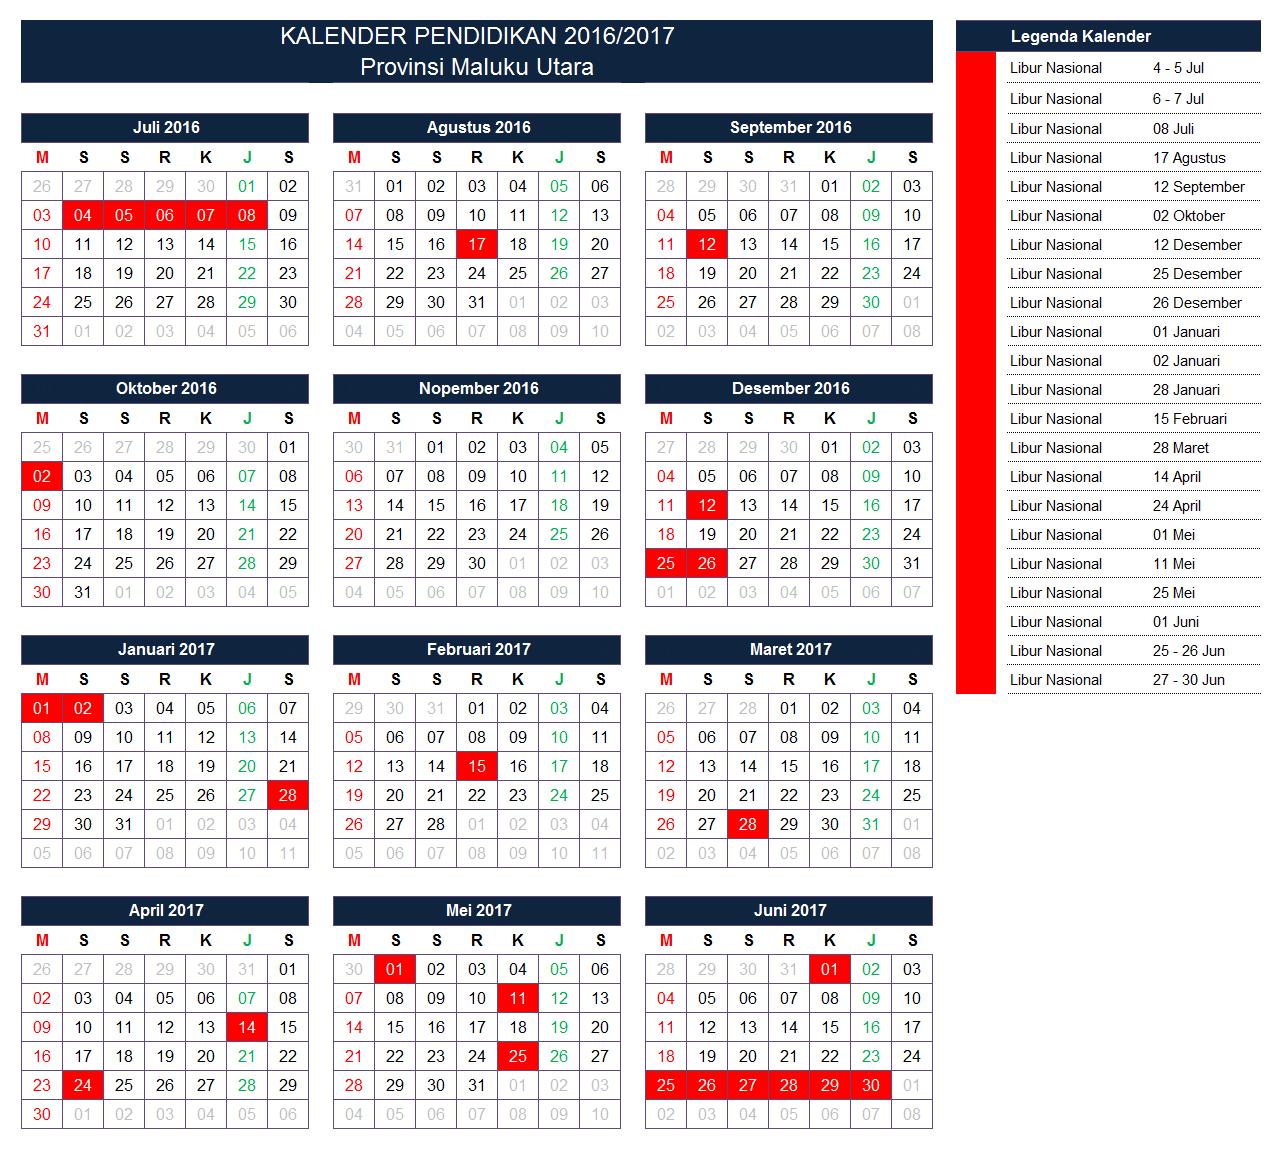 Kalender Pendidikan Provinsi Maluku Utara